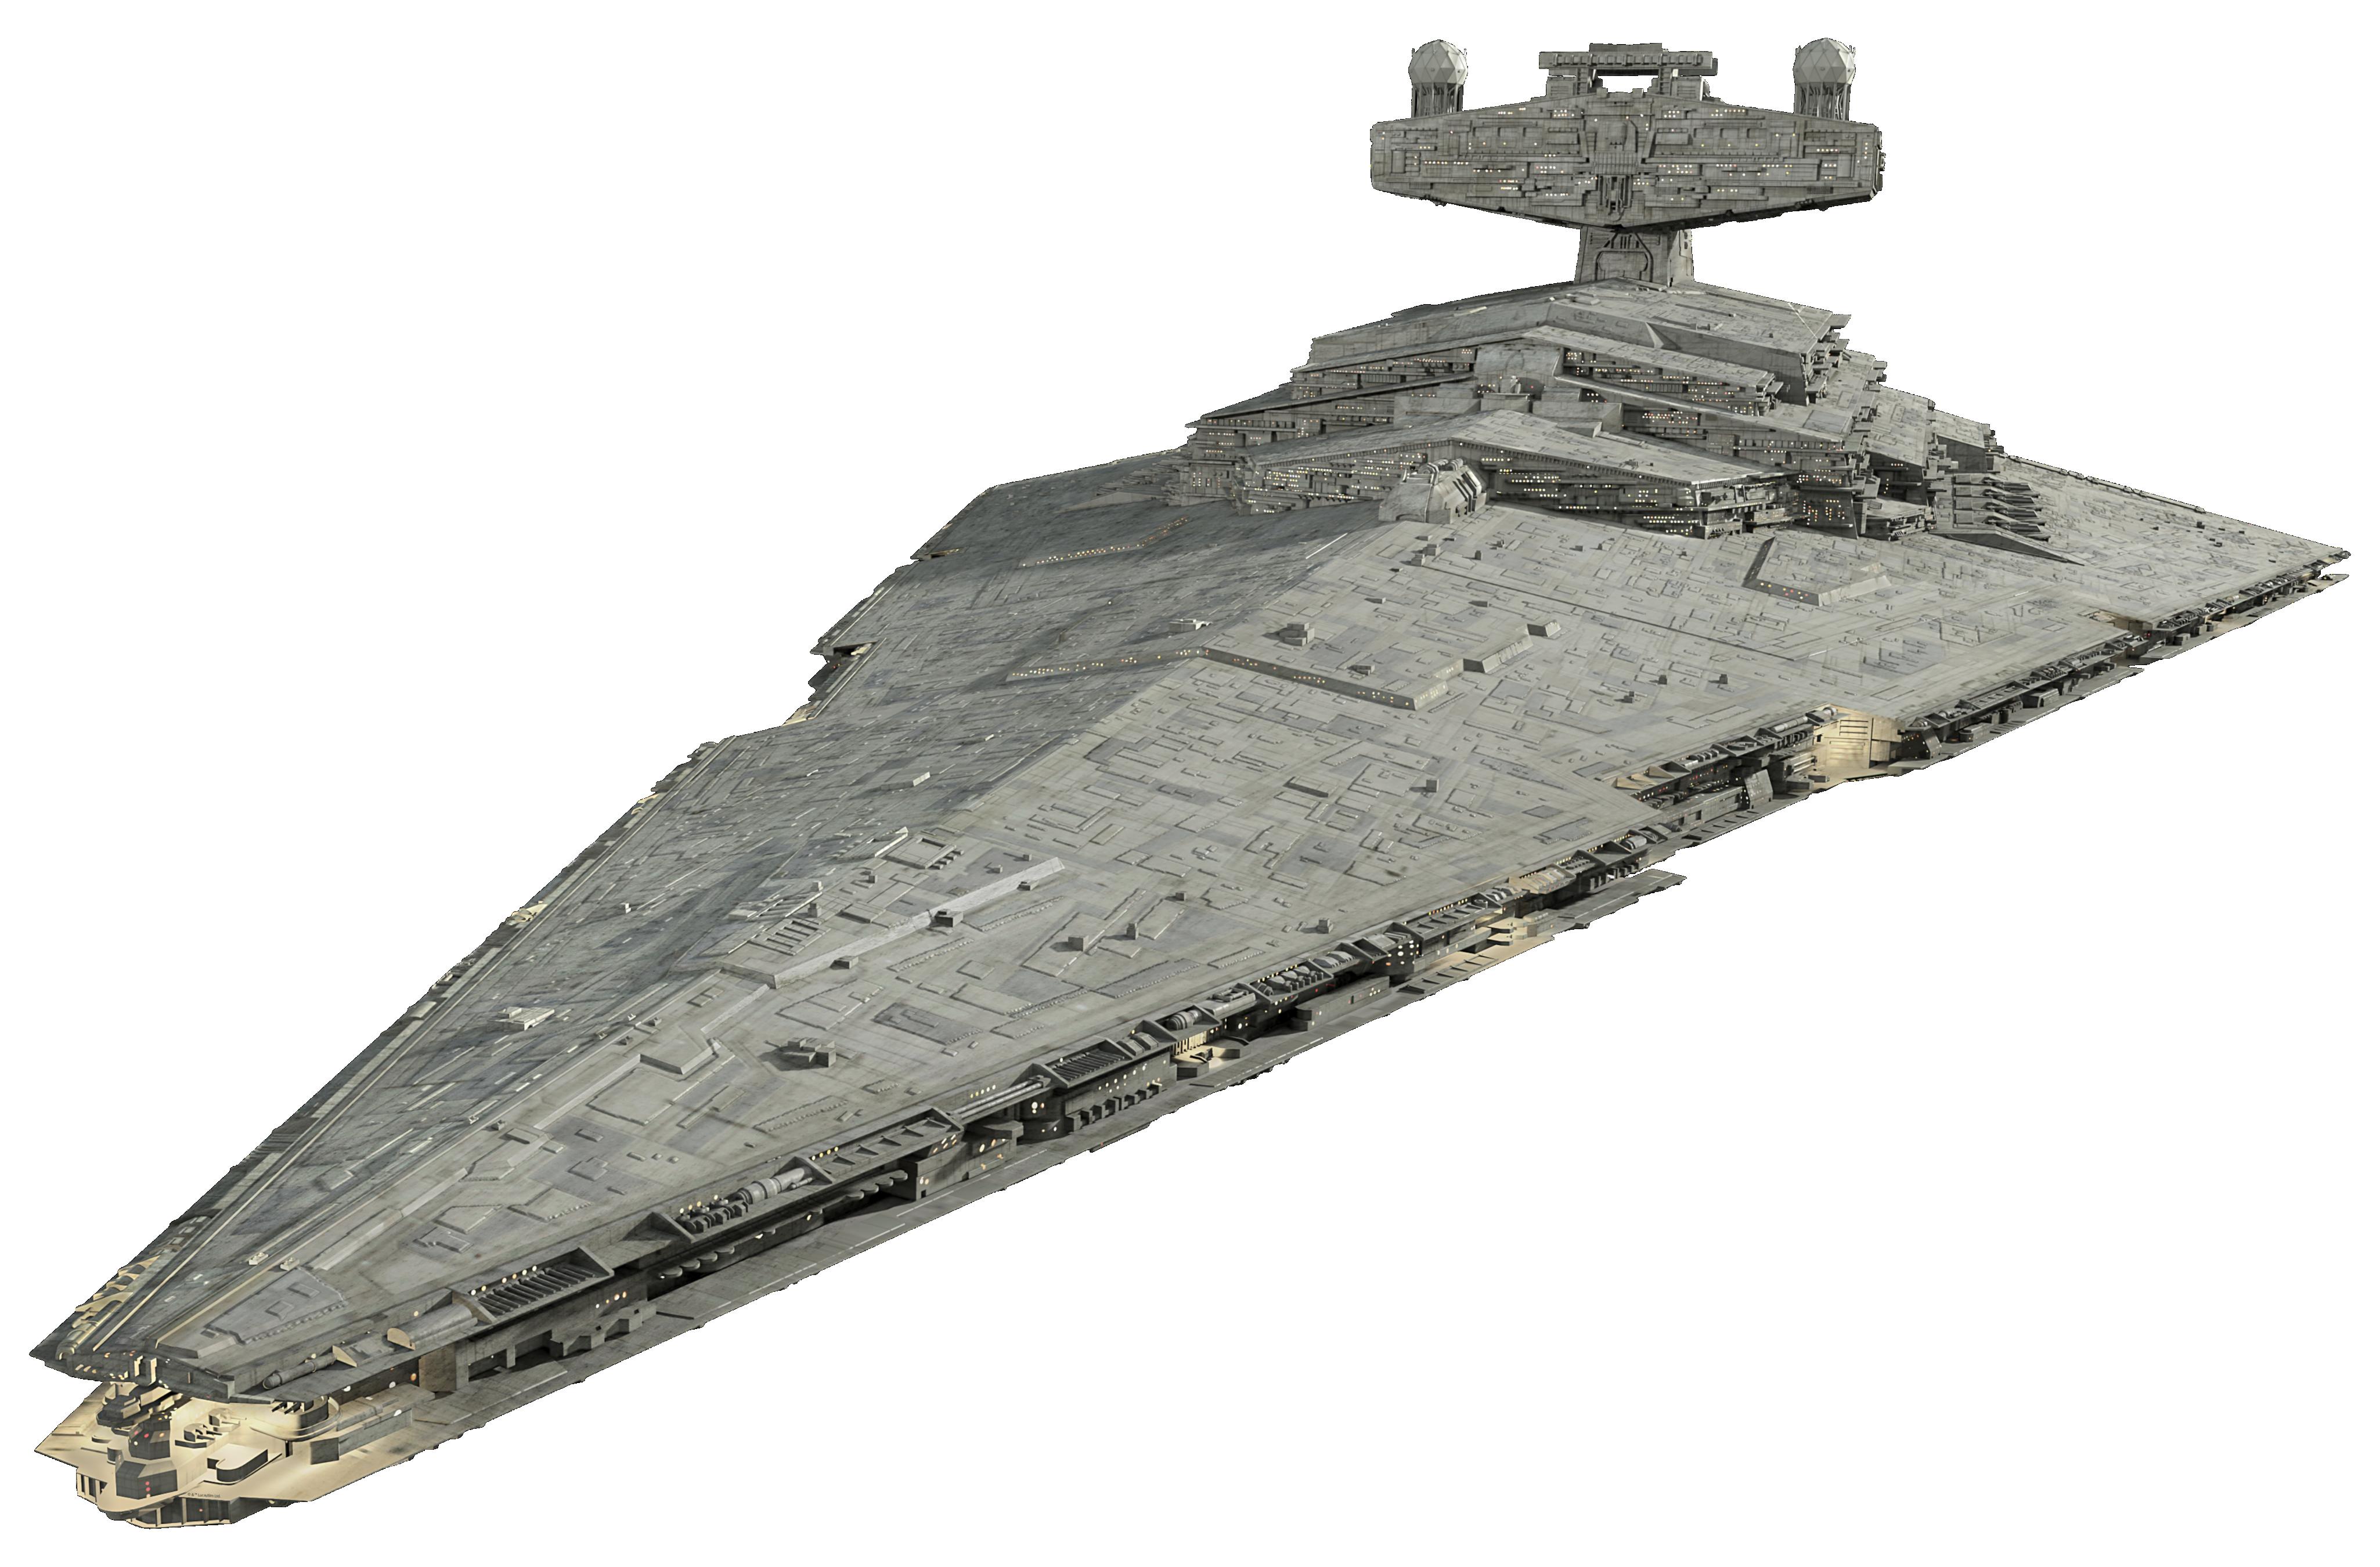 Star Destroyer Png Png Image 2892 1908 Pixels